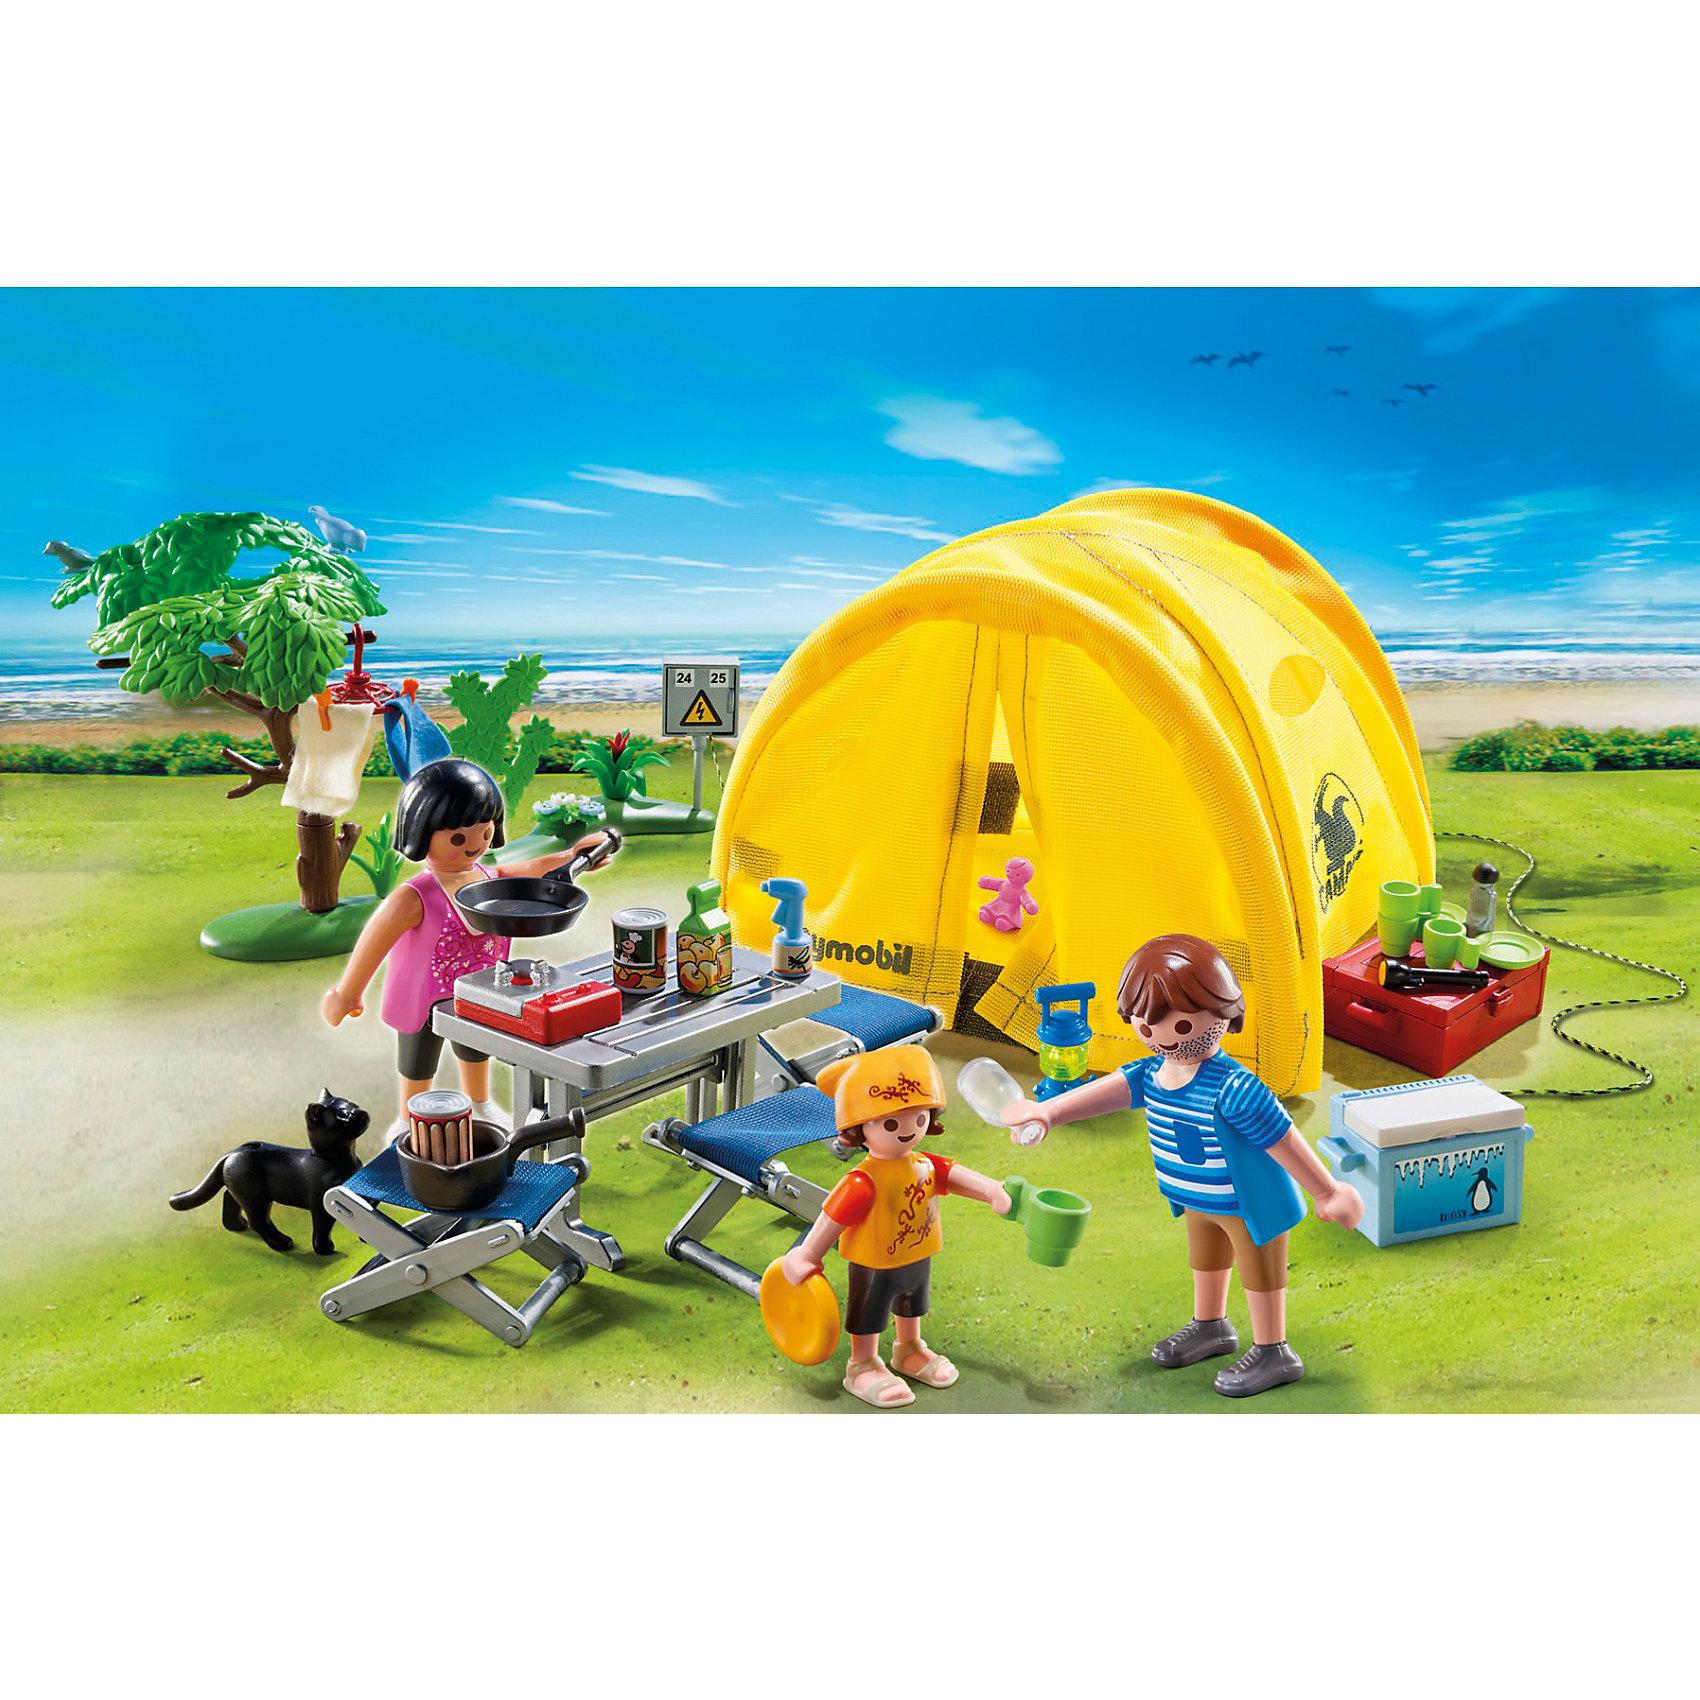 PLAYMOBIL  5435 Каникулы: Семья и палаткаНабор «Каникулы: Семья и палатка» подарит ребенку много приятных минут<br>«Каникулы: Семья и палатка» - занимательный конструктор от Playmobil (Плеймобил) станет интересным и полезным подарком для ребенка. <br>С помощью этого набора малыш быстро придумает и реализует сюжет и увлечется игрой. <br>Красочные конструкторы с подвижными элементами фигурок и все нужные предметы, аксессуары на природе отразят правдоподобный активный отдых с семьей и палаткой, необходимой для ночлега или укрытия от непогоды. <br>Кисти фигурок сделаны таким образом, чтобы в них вставлялись различные предметы мелкого назначения. <br>Серия «Каникулы» относится к категории сюжетно-ролевых игр. <br>В комплекте имеются фигурки мамы, папы и ребенка, фигурка кошки, мебель для отдыха на природе, керосиновая лампа, складная палатка, карта, посуда и коврики. <br>Высота фигурки взрослого человека 7,5 см, ребенка 5 см. <br>Набор «Семья и палатка» развивает любовь к путешествиям у детей с маленьких лет. <br>В процессе игры с помощью мелких деталей и аксессуаров тренируется мелкая моторика. <br>Веселые модели на основе воображения подскажут много интересных сюжетов для игр. <br>В процессе игры концентрируется внимание, работает логическое мышление и координация движения. <br>Мелкие элементы потребуют от ребенка внимательного отношения к игре и способствуют развитию разных навыков.<br><br>PLAYMOBIL  5435 Каникулы: Семья и палатка можно купить в нашем магазине.<br><br>Ширина мм: 256<br>Глубина мм: 203<br>Высота мм: 81<br>Вес г: 338<br>Возраст от месяцев: 48<br>Возраст до месяцев: 120<br>Пол: Унисекс<br>Возраст: Детский<br>SKU: 2554749